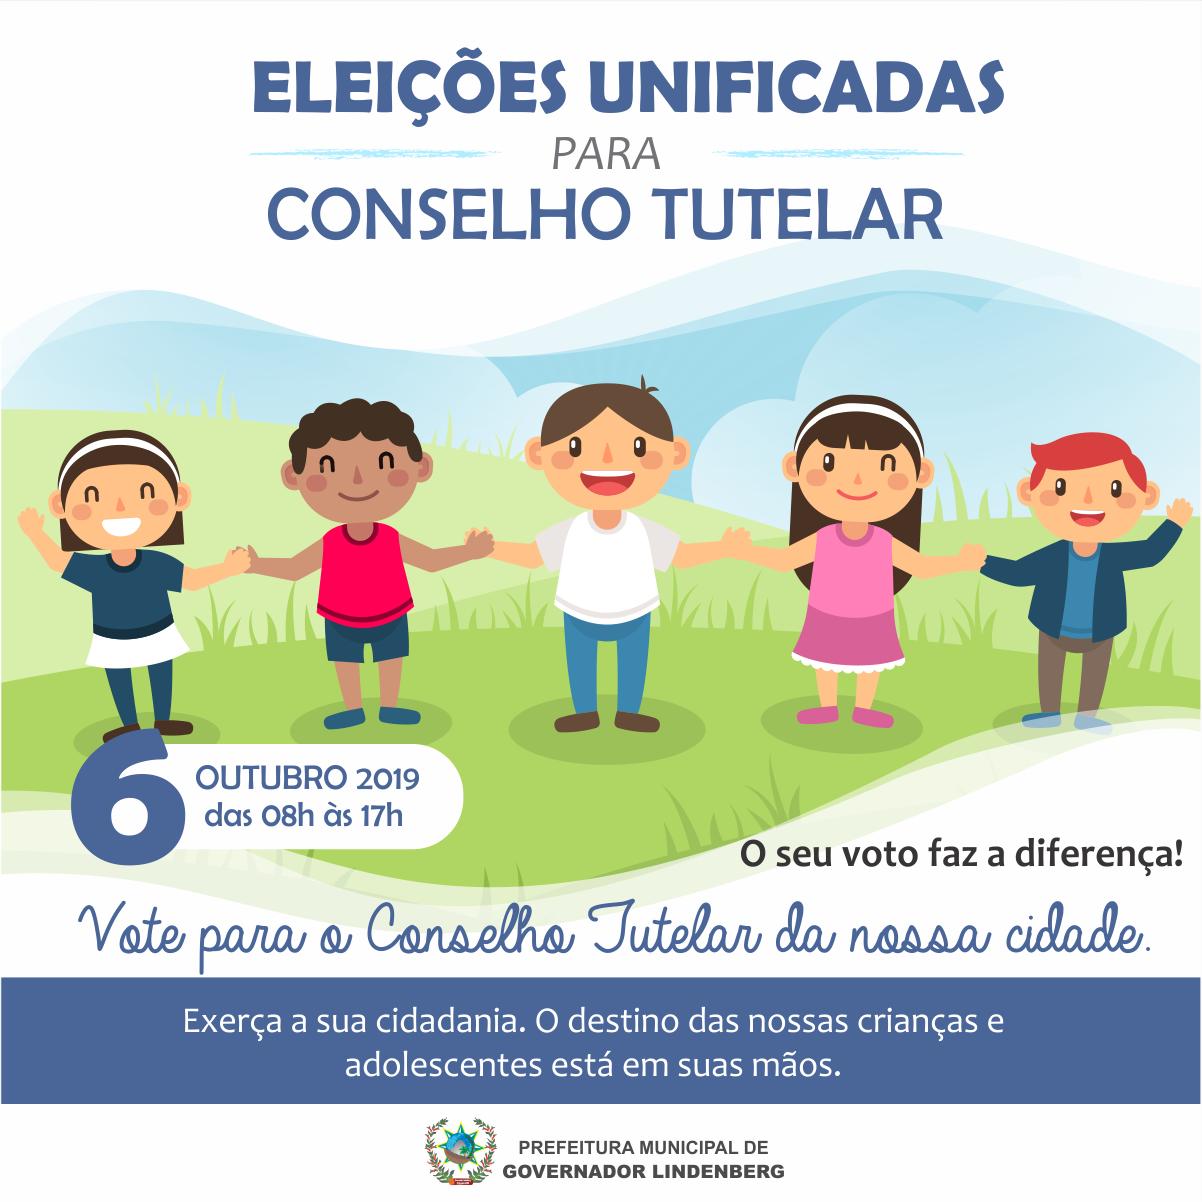 Edital de Divulgação dos Locais de Votação para Escolha dos Membros do Conselho Tutelar